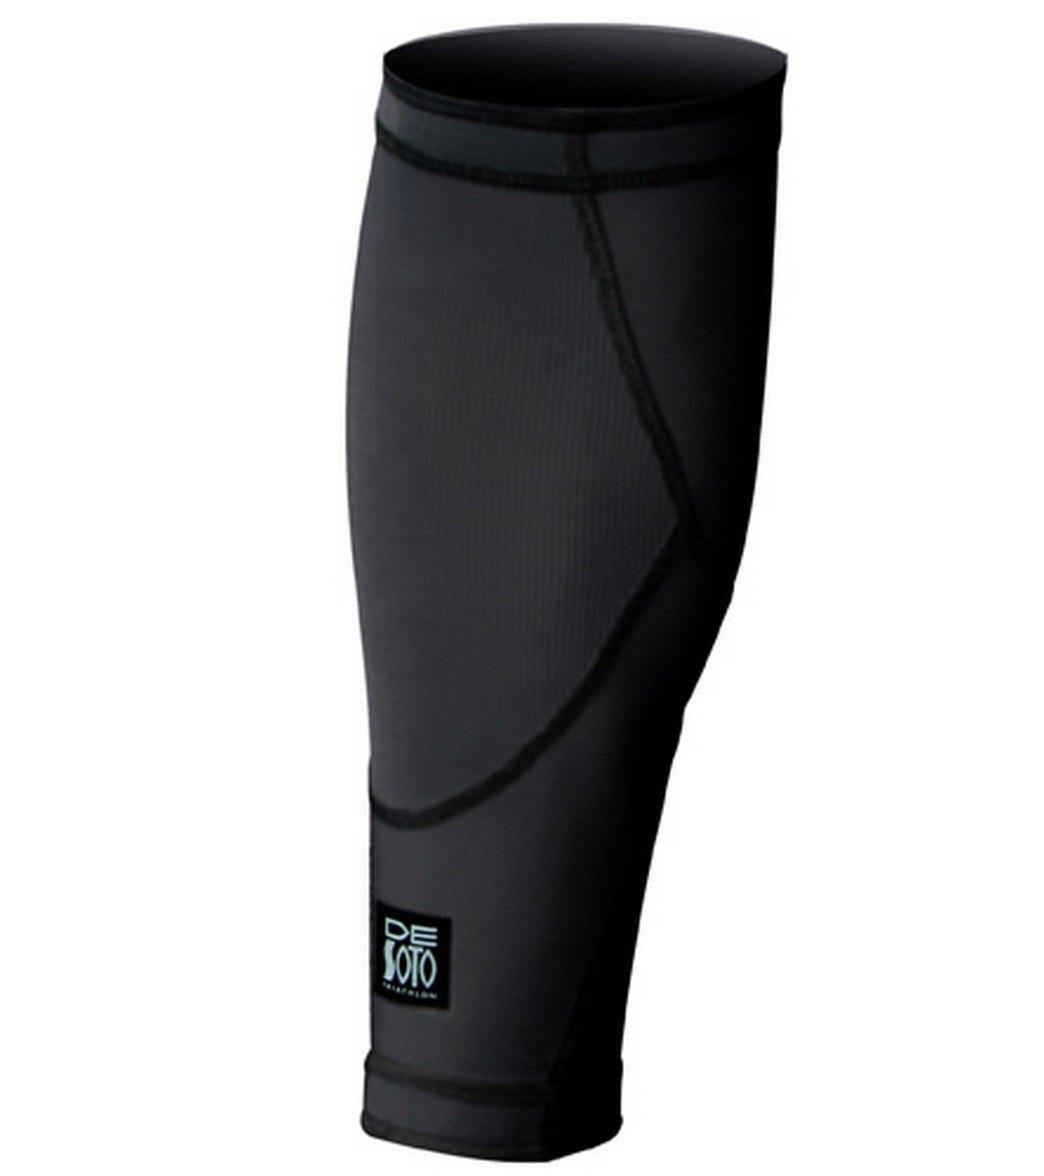 DeSoto Compressor Leg Sleeve at SwimOutlet.com